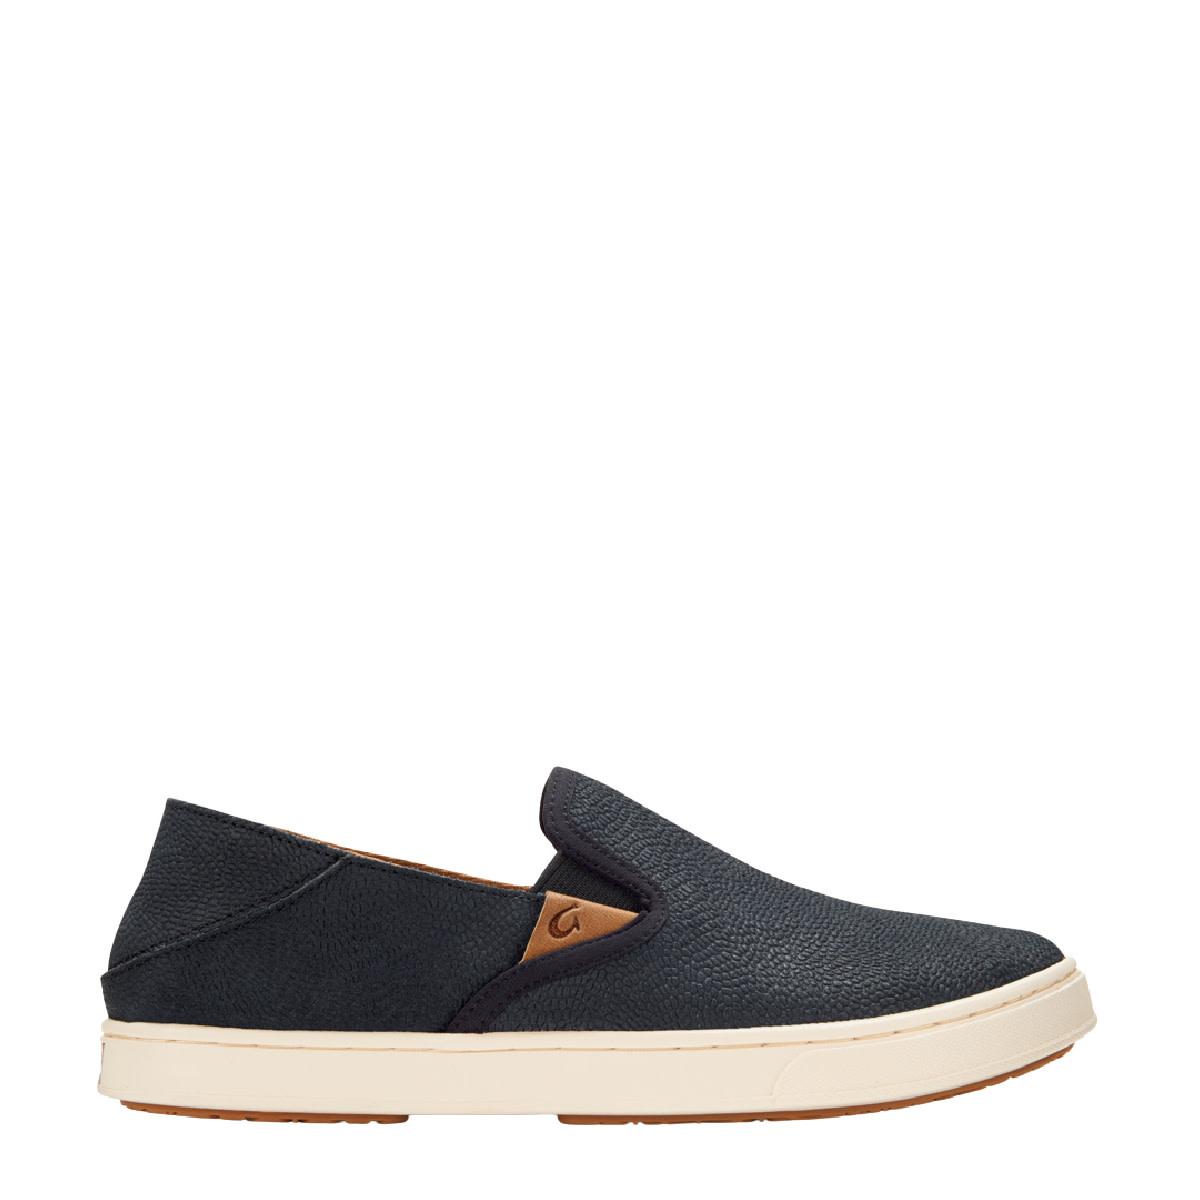 OluKai OluKai Pehuea Leather Slip-On Lava Rock / Lava Rock